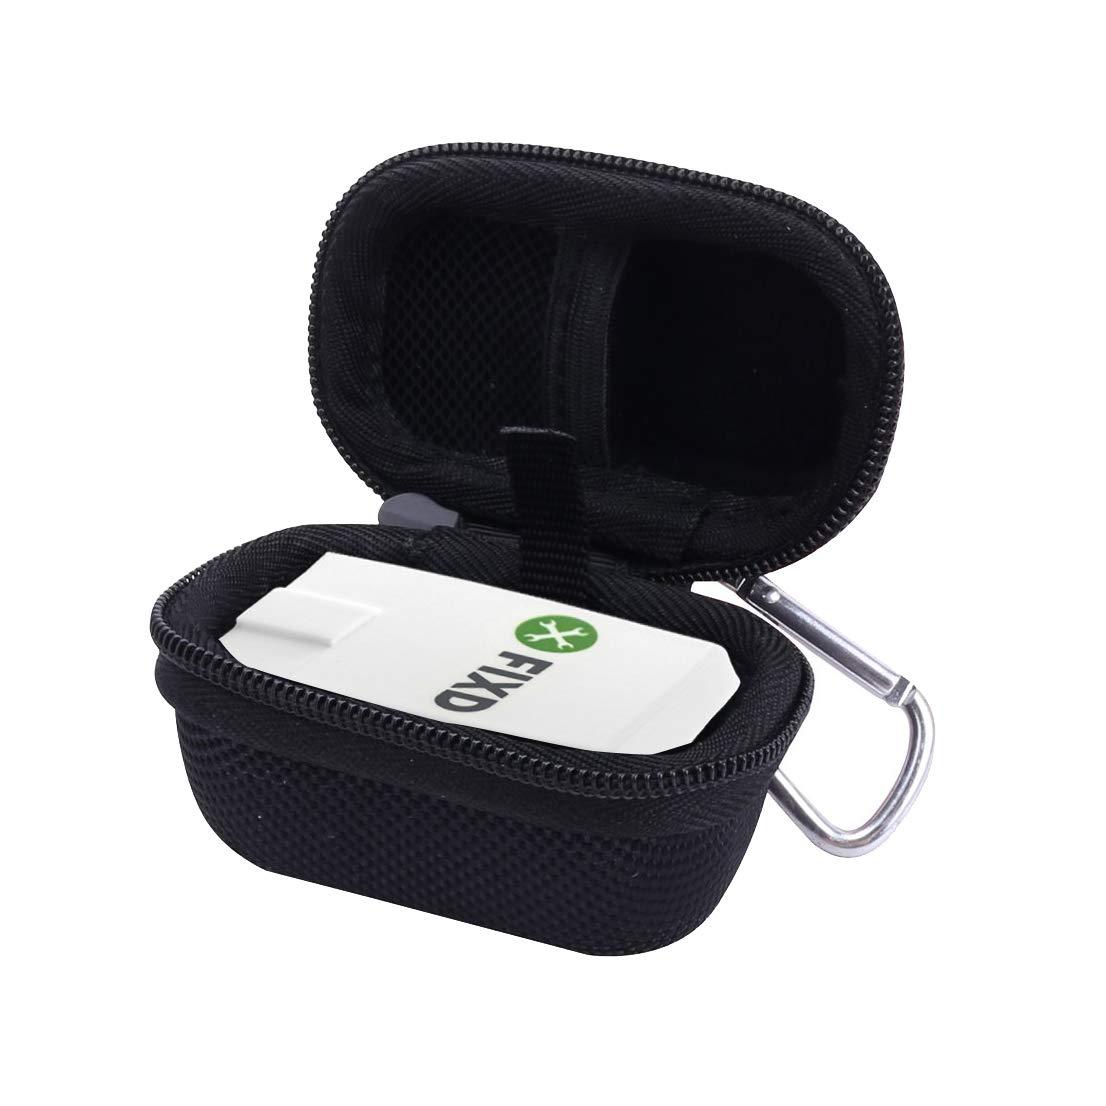 Aenllosi Storage Hard Case for FIXD Bluetooth OBD-II Active Car Health Monitor/Diagnostic Device